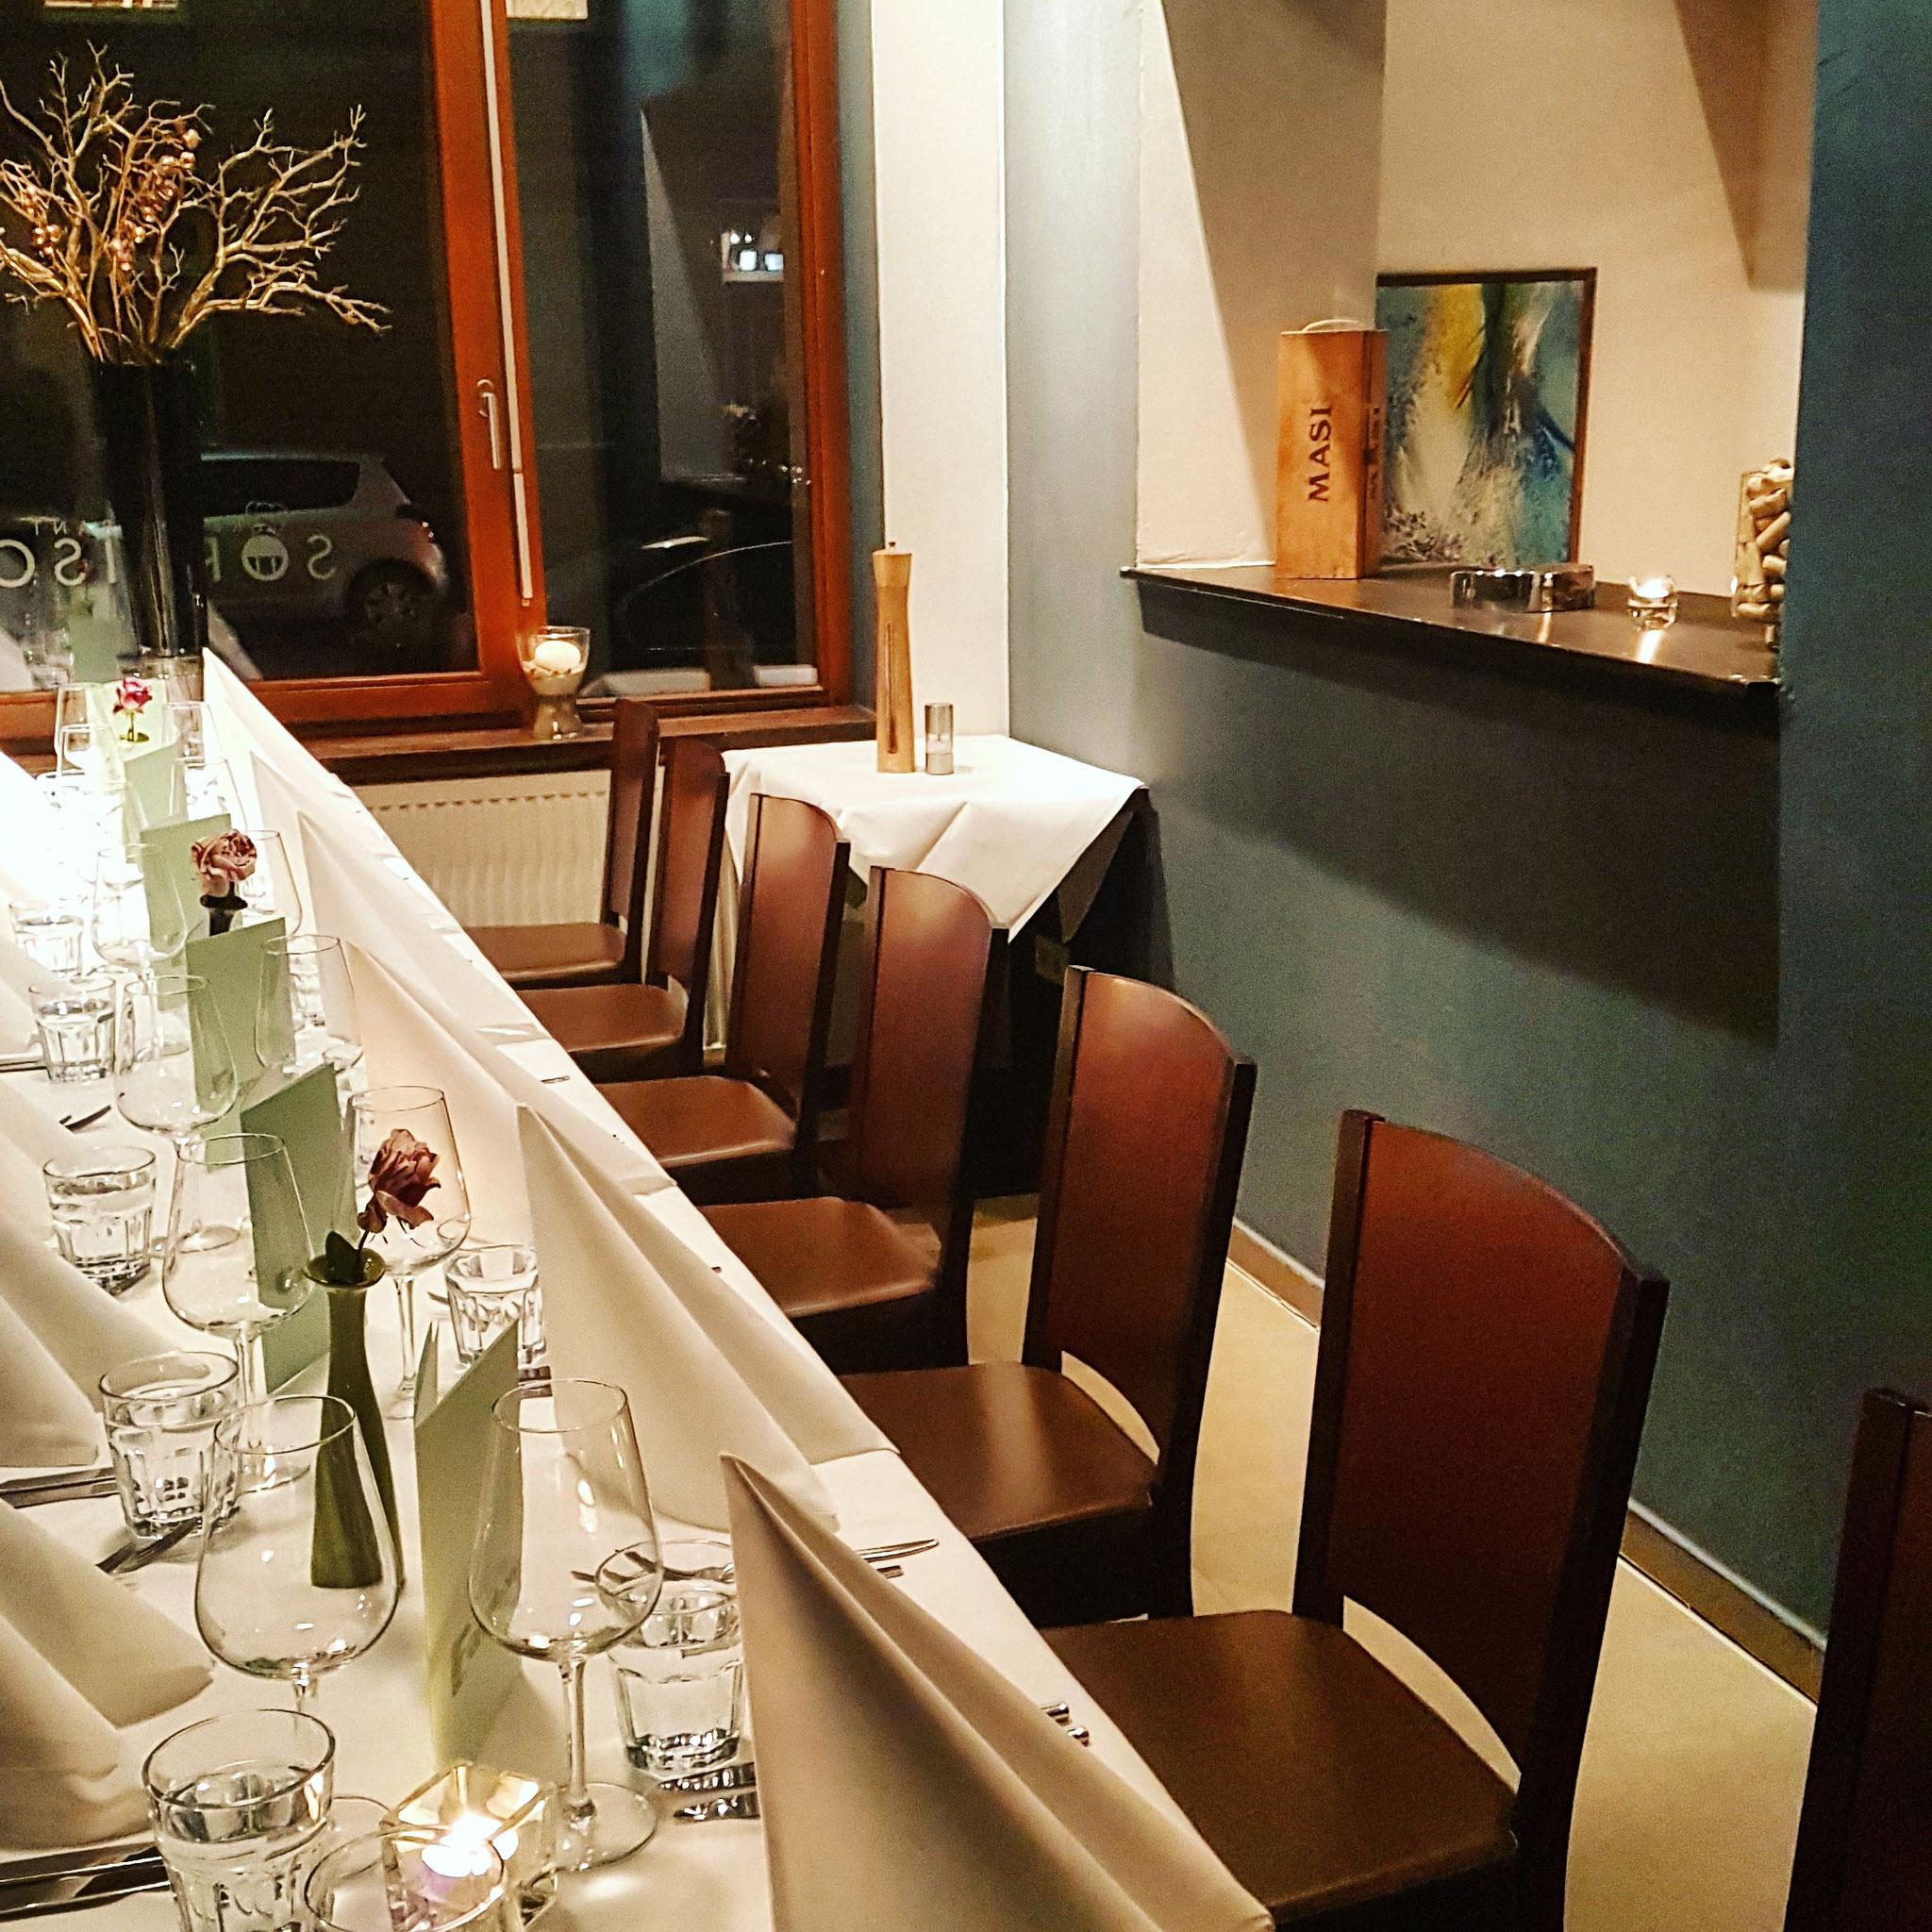 Mit unseren Räumlichkeiten bieten wir Platz für 48 Personen für die Familienfeier oder  Firmenevents